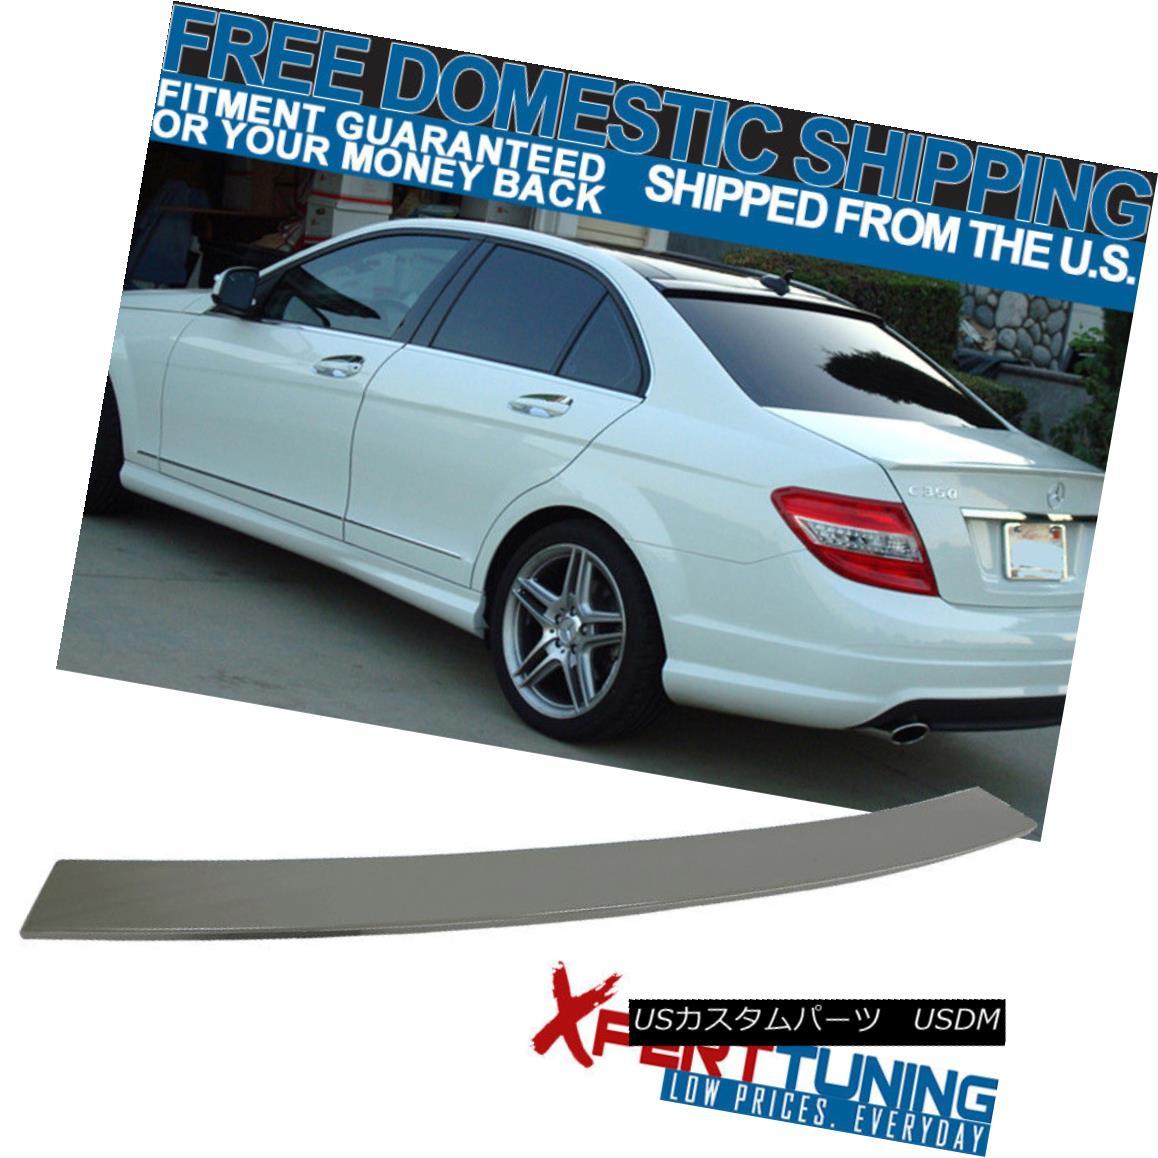 エアロパーツ 08-14 Benz C-Class W204 4Dr OE Style Unpainted ABS Roof Spoiler Wing 08-14ベンツCクラスW204 4Dr OEスタイル無塗装ABSルーフスポイラーウイング